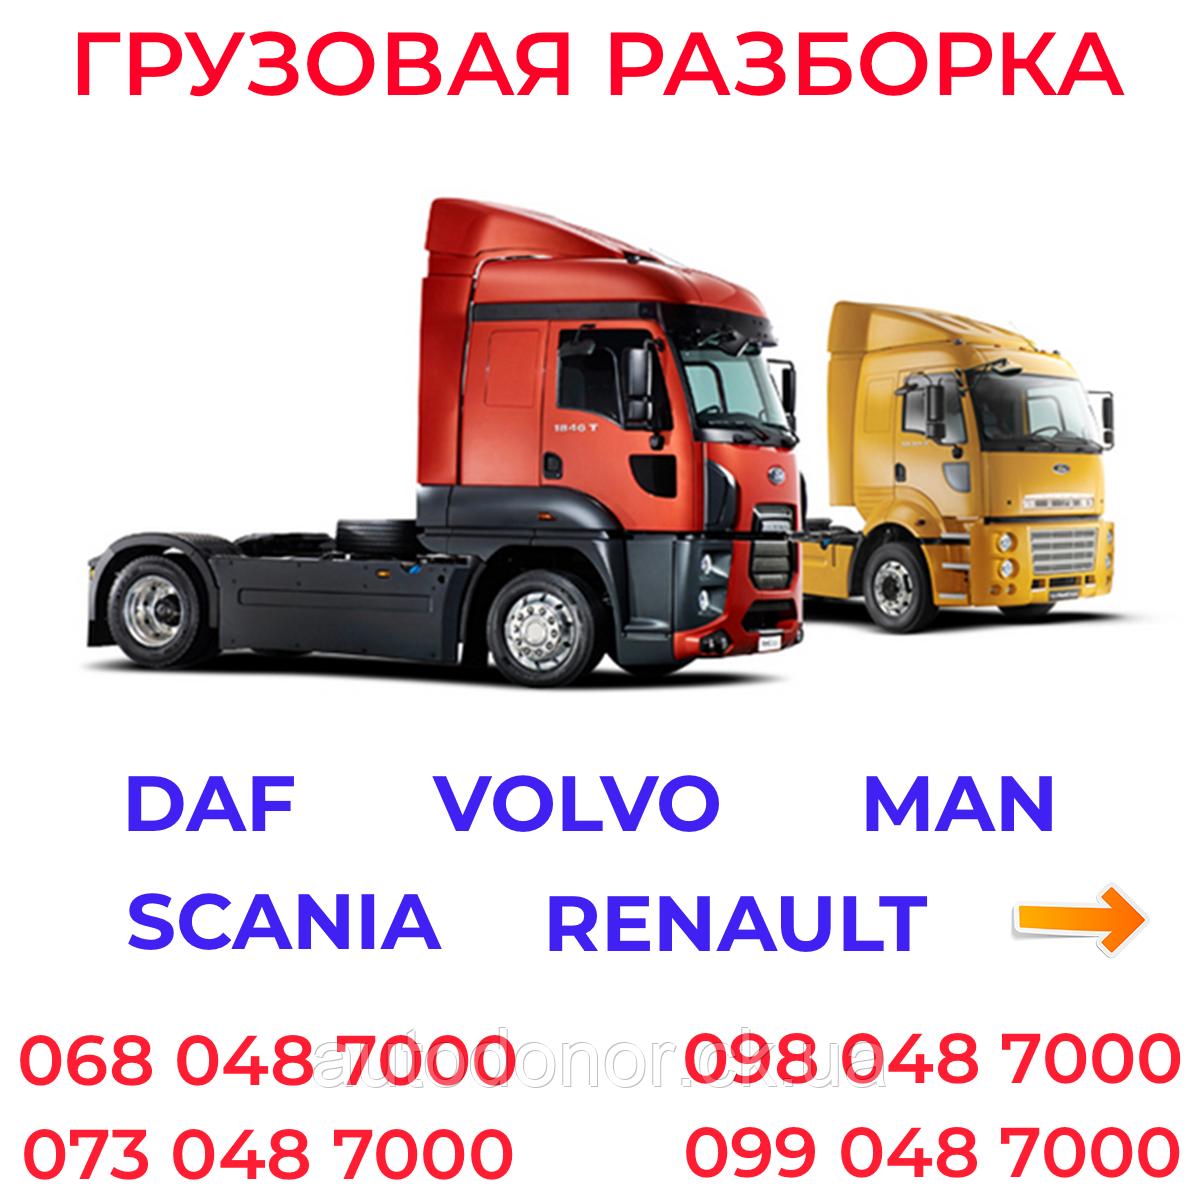 🚦 Грузовая Разборка. Запчасти DAF, MAN, Volvo, Renault. Авторазборка грузовых автомобилей, тягачей